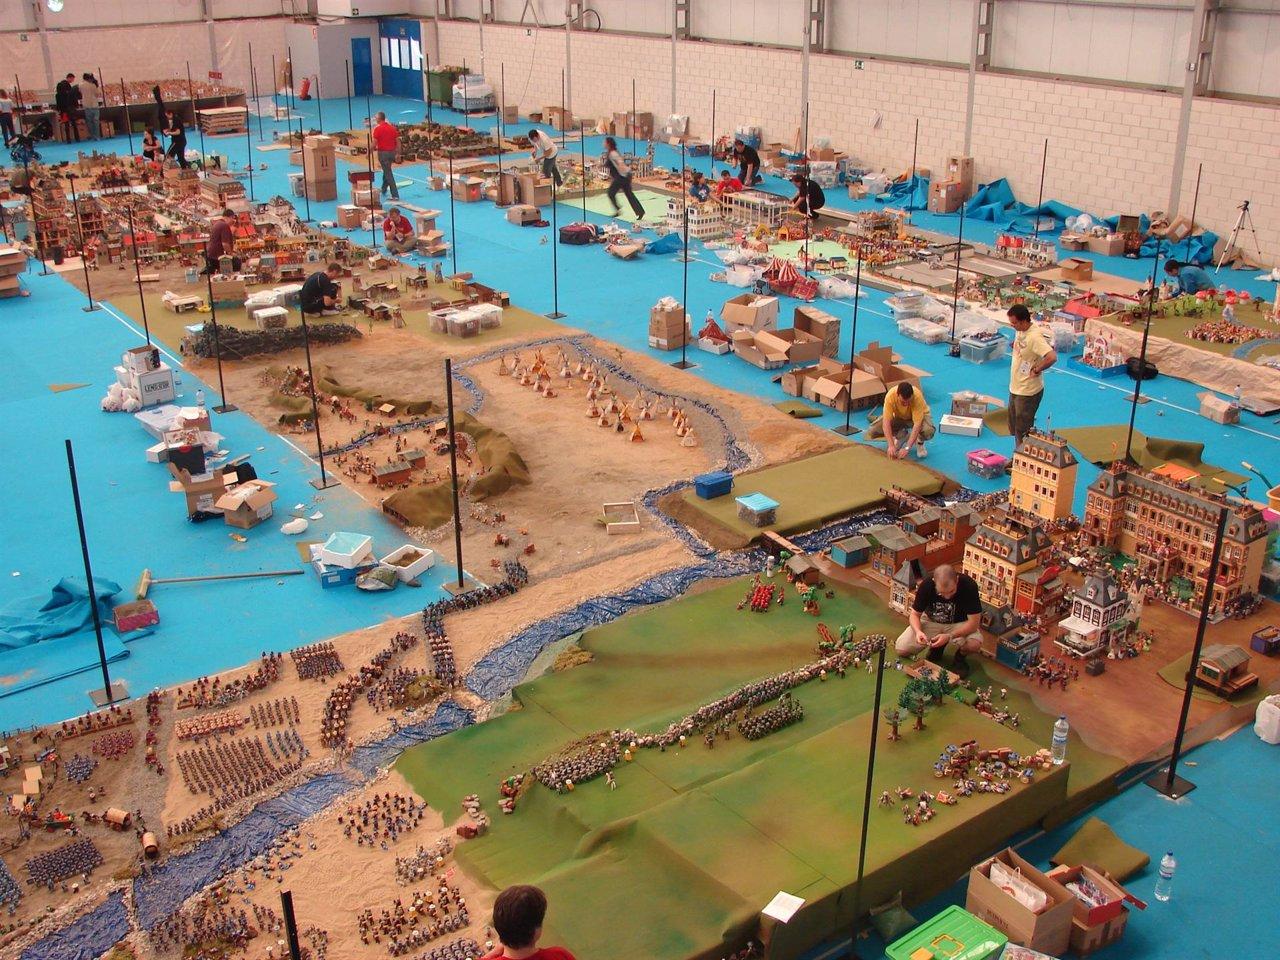 Montaje de una exposición de Playmobil para lograr el Guinness